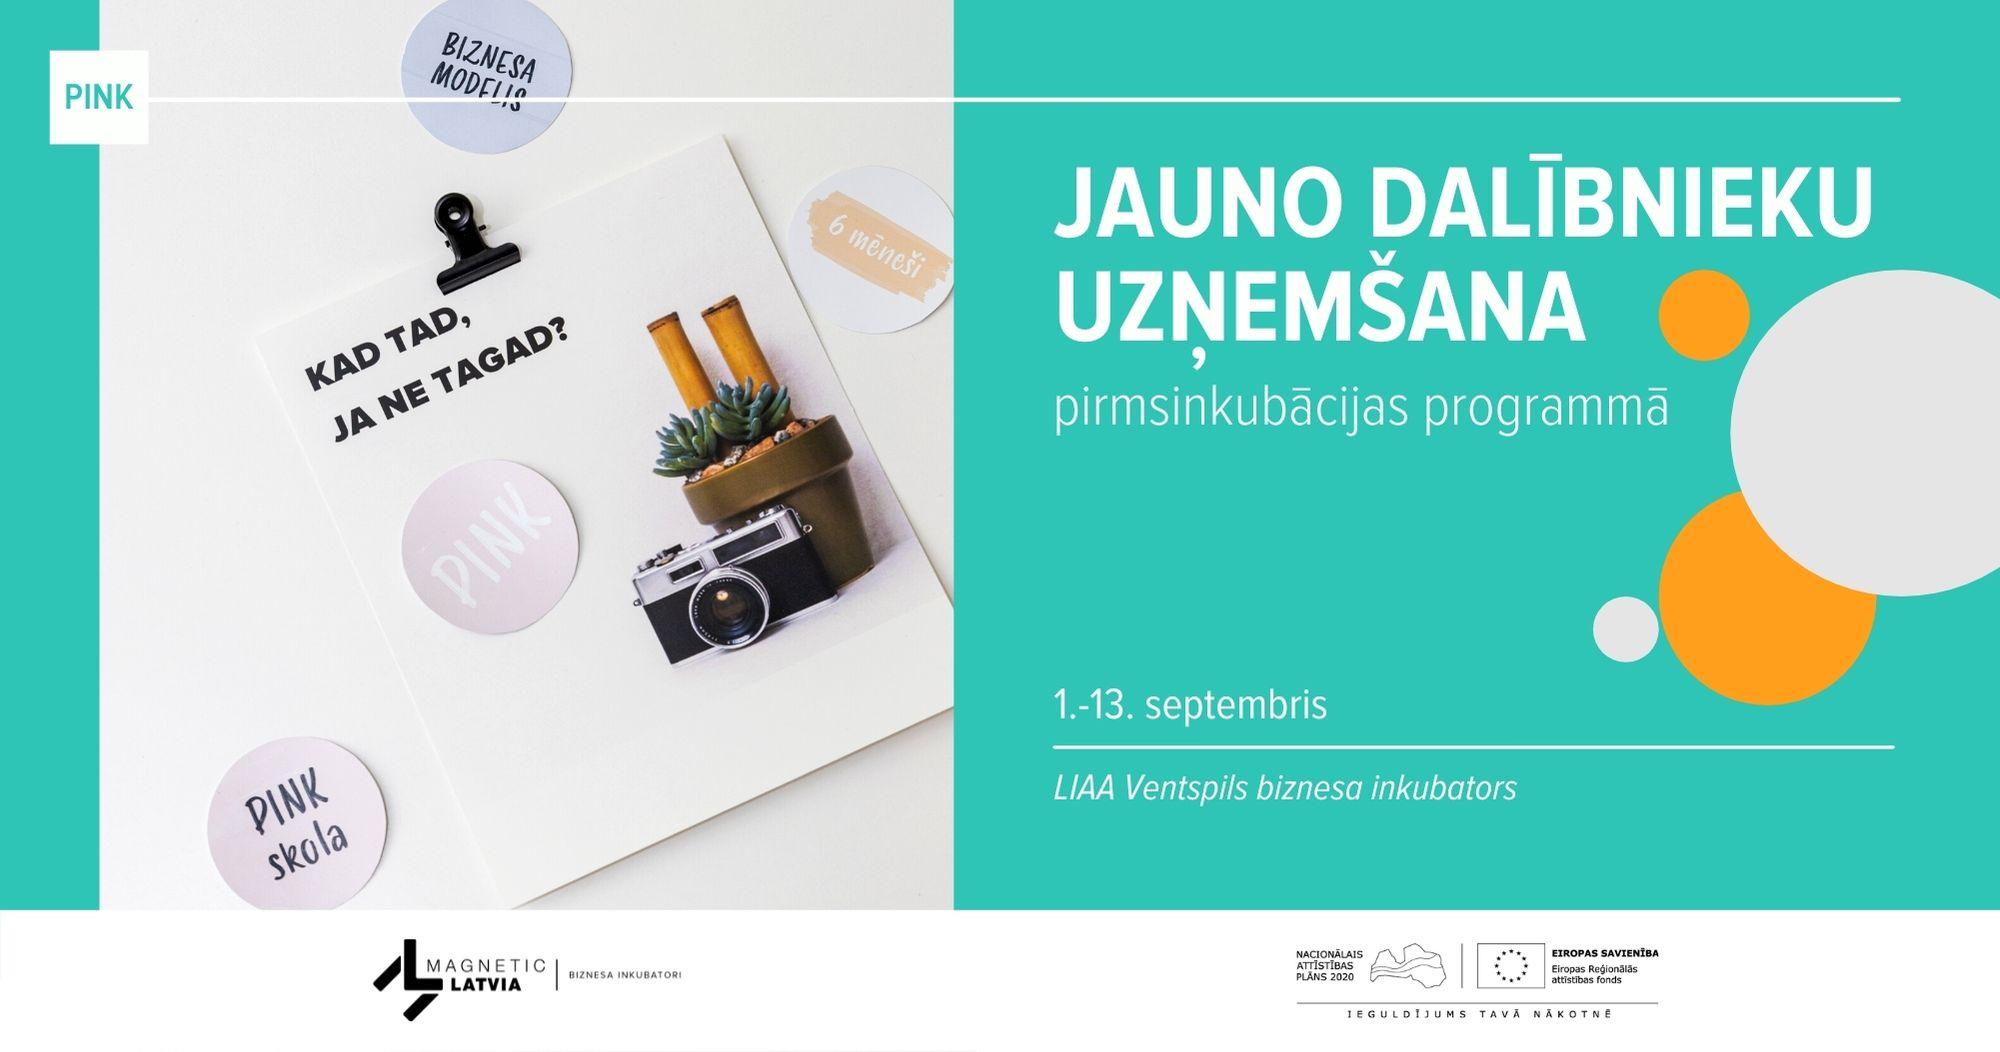 No 1. septembra sākas pieteikšanās LIAA biznesa inkubatoru pirmsinkubācijas programmā